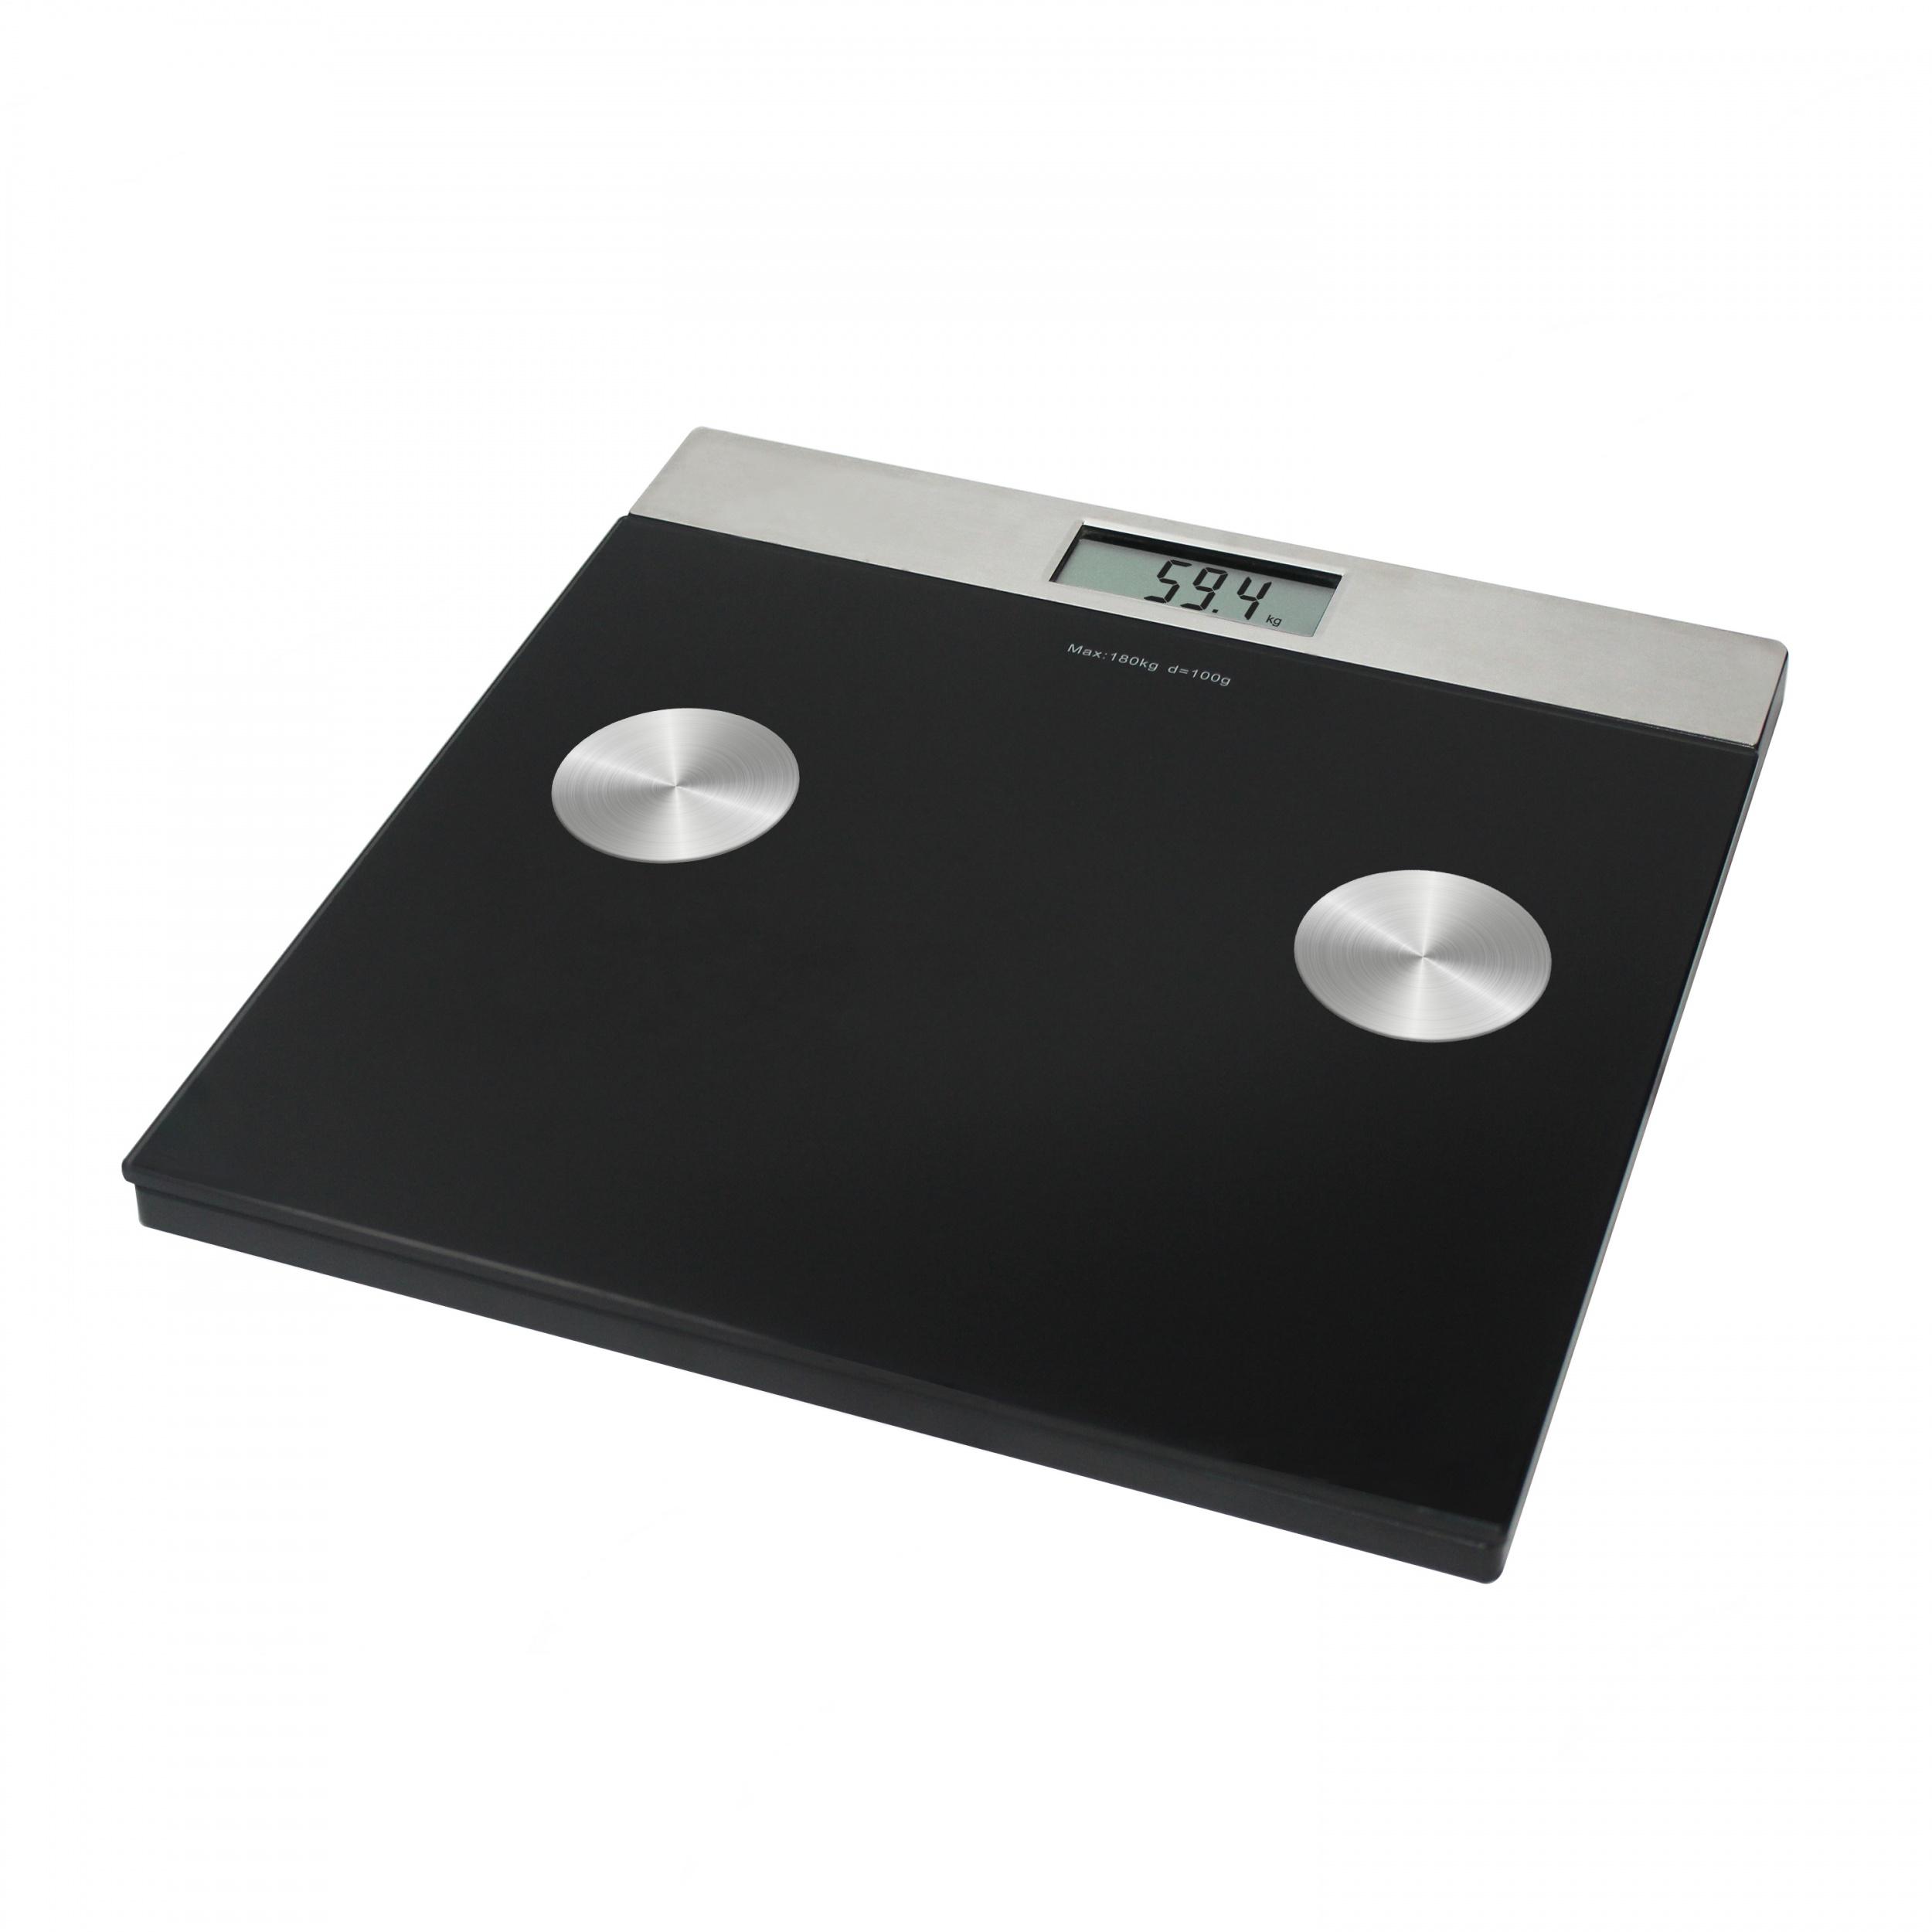 体重秤、脂肪秤怎么选?要不要智能?